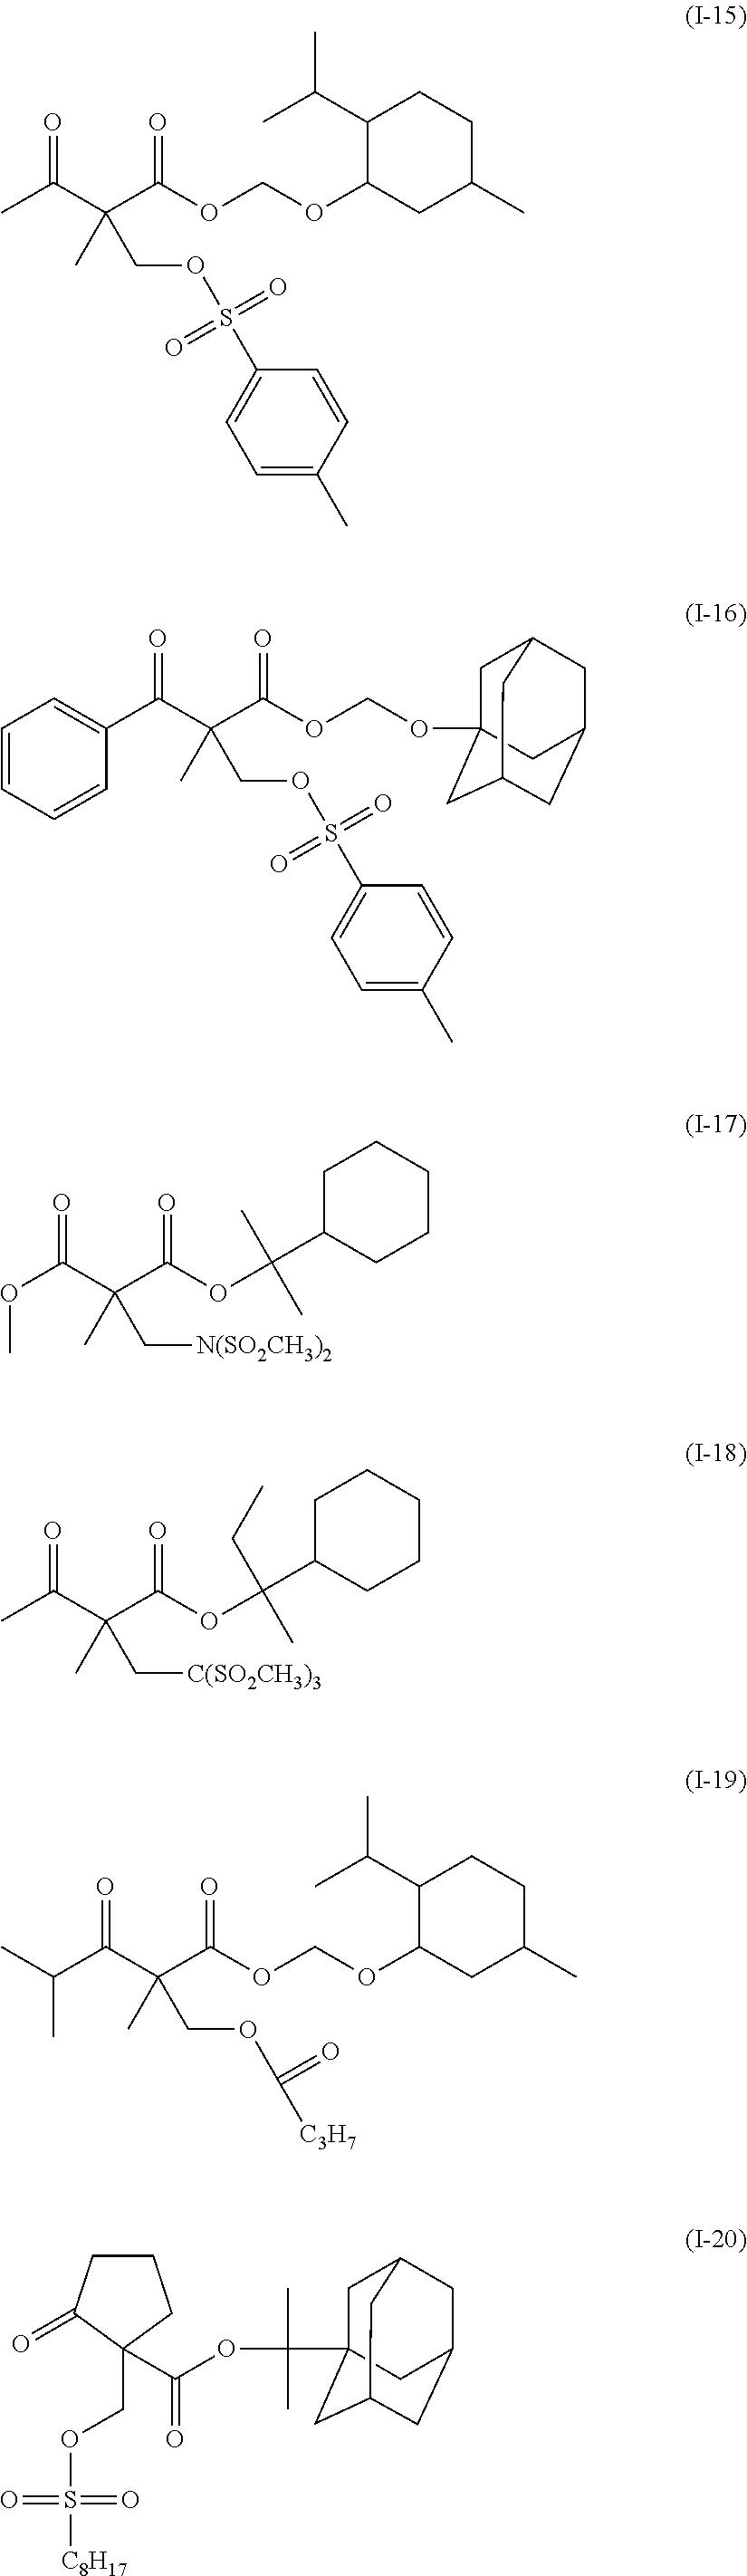 Figure US20110183258A1-20110728-C00086